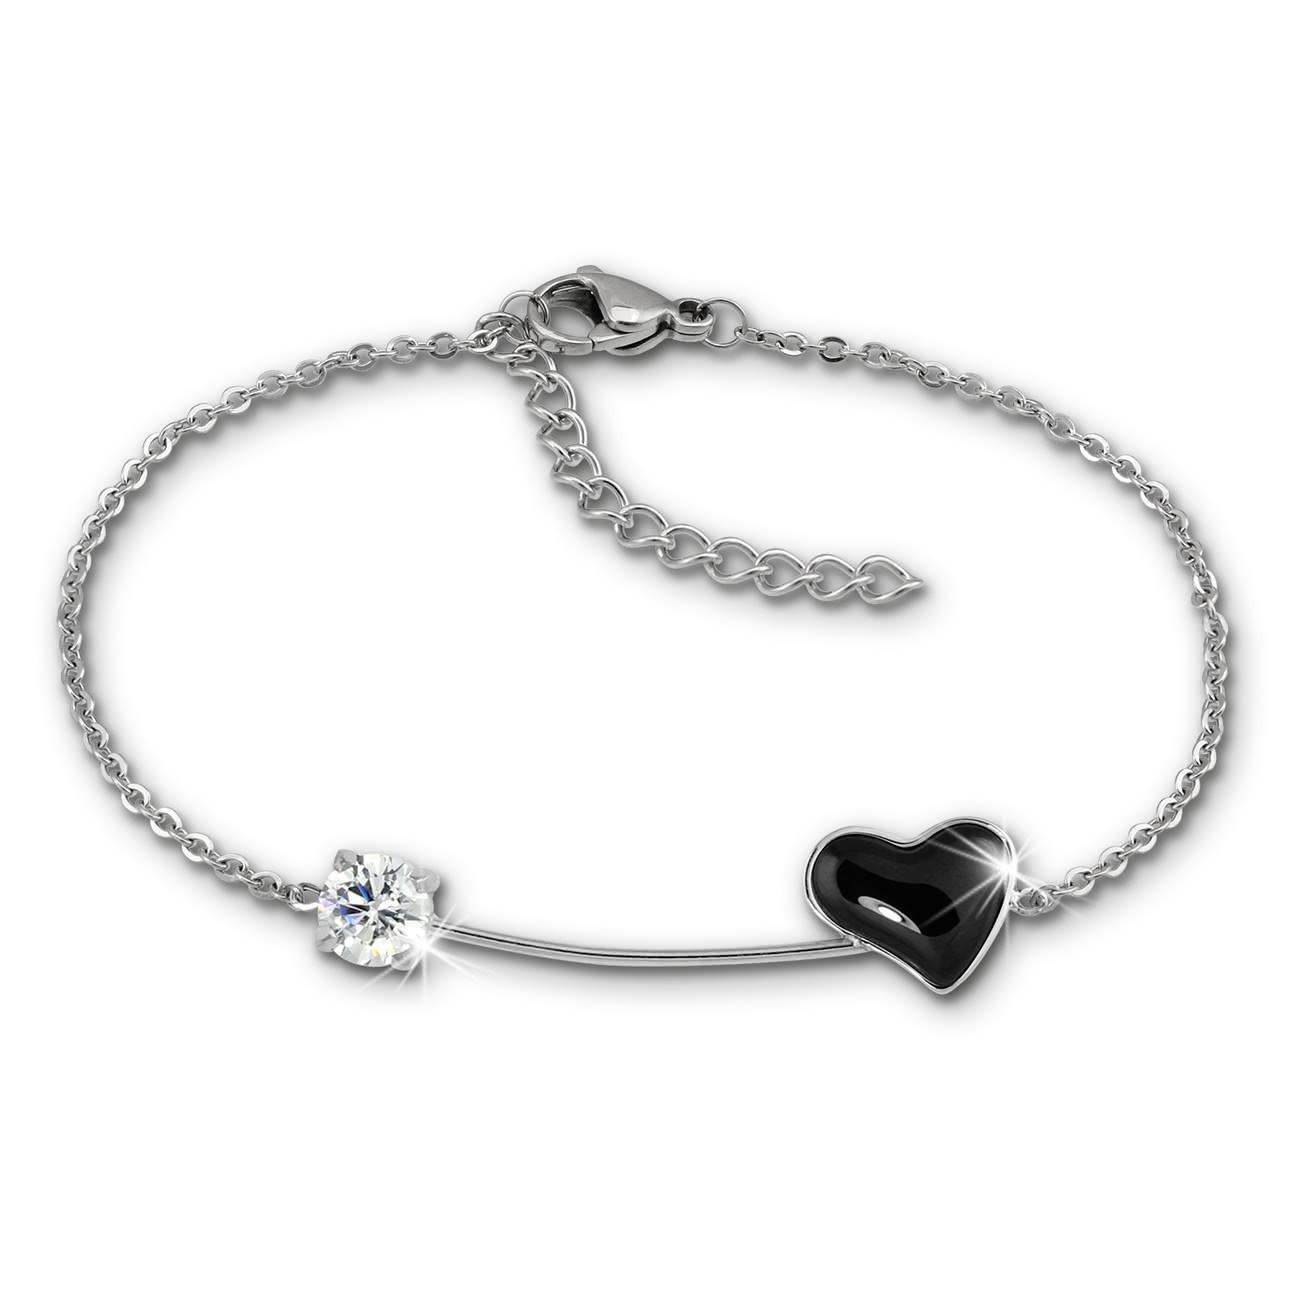 Amello Armband Keramik Herz Zirkonia schwarz Damen Edelstahlschmuck ESAX40S8